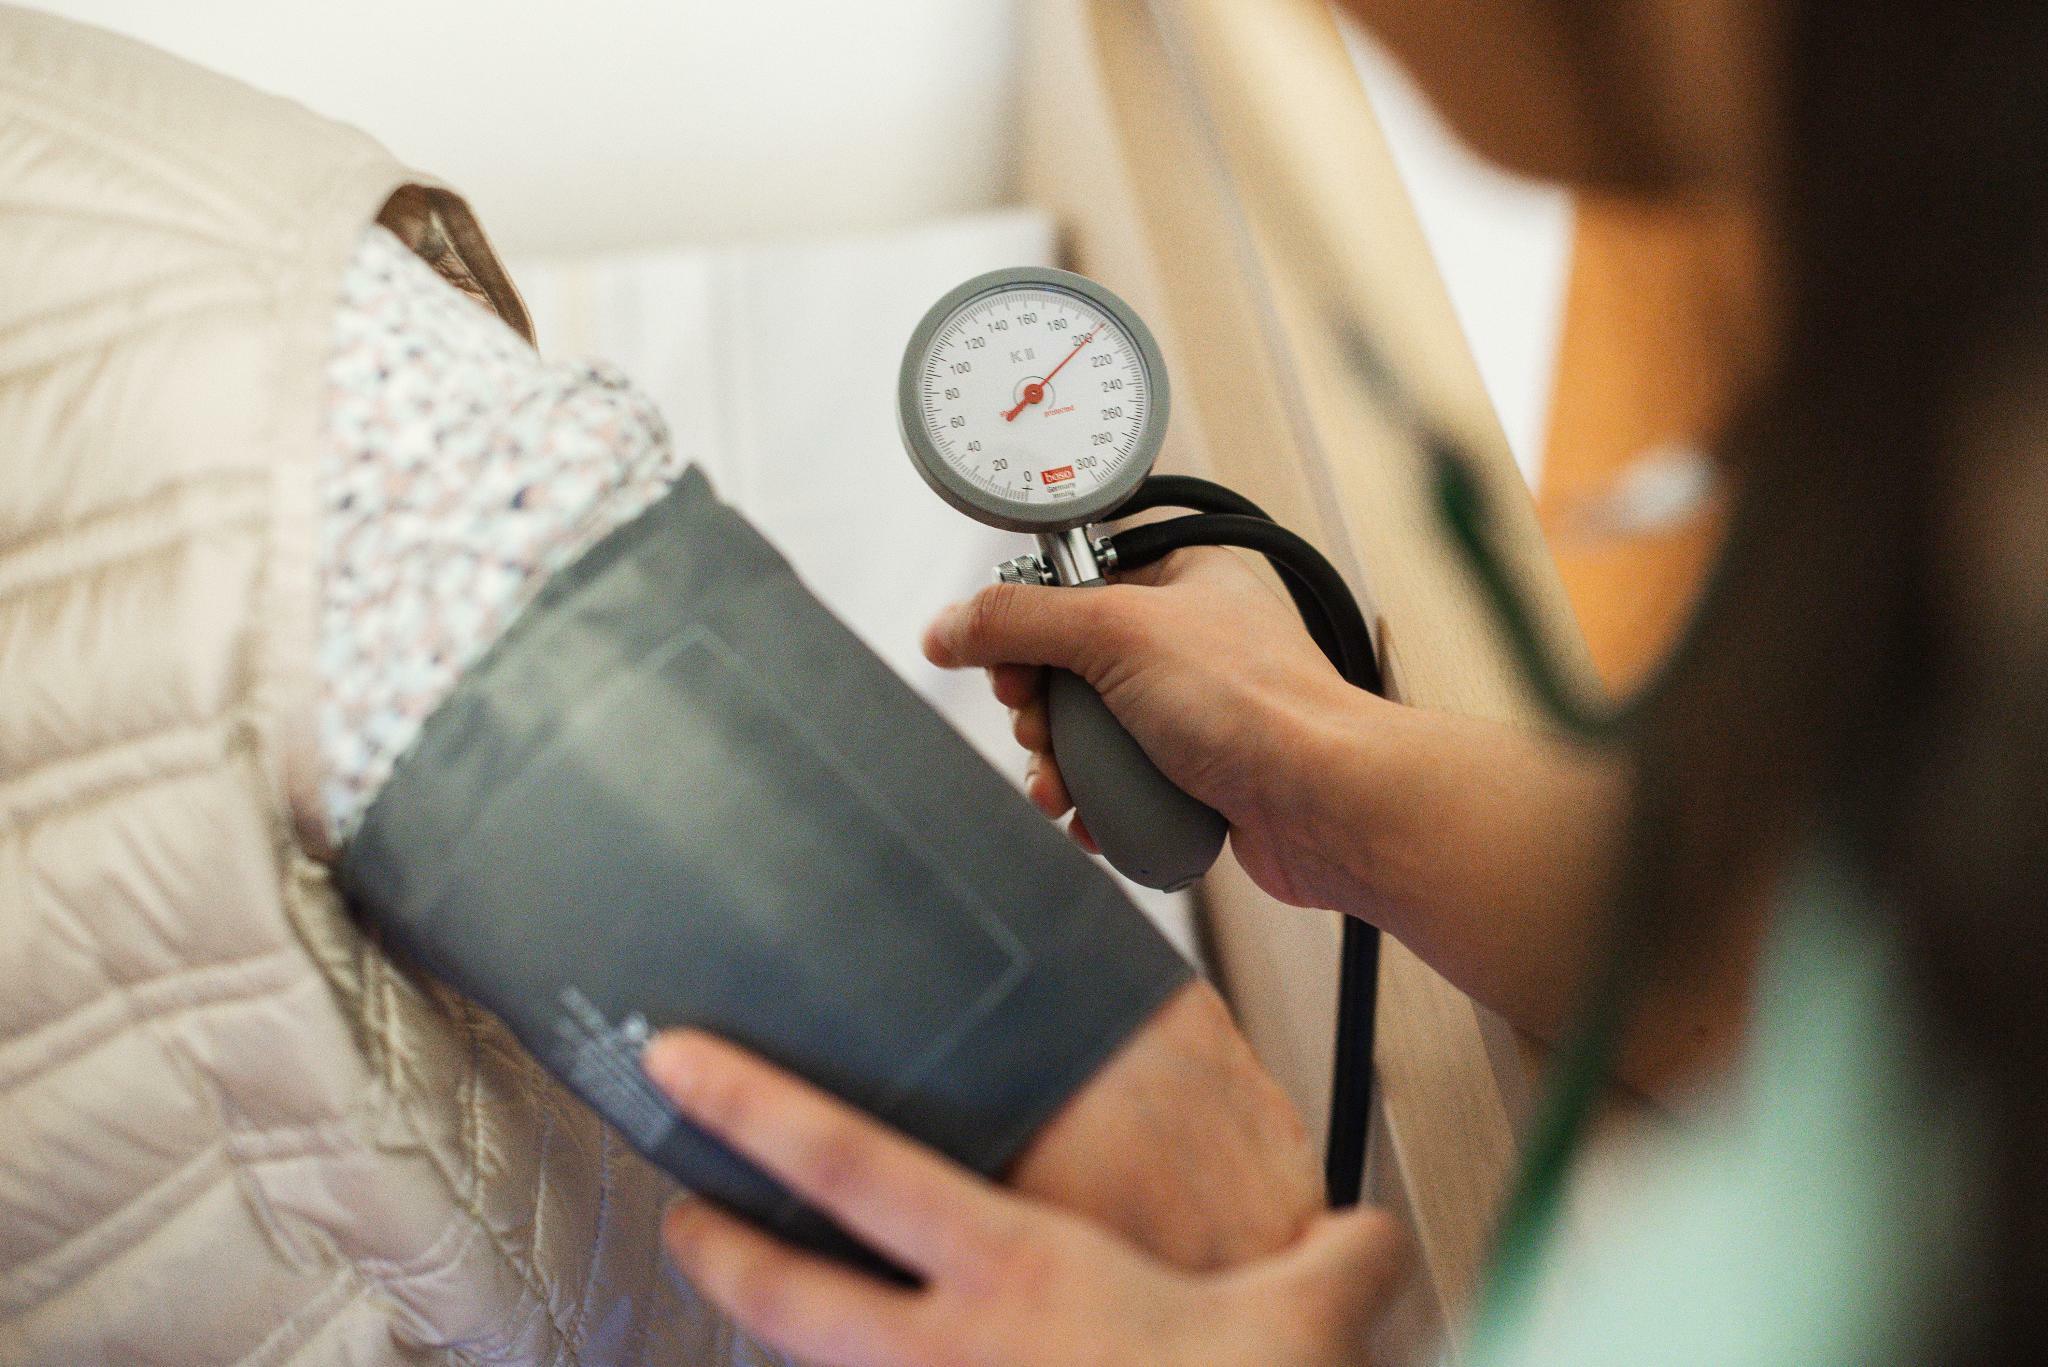 Wirkung von Blutdrucksenkern bei abendlicher Einnahme oft günstiger